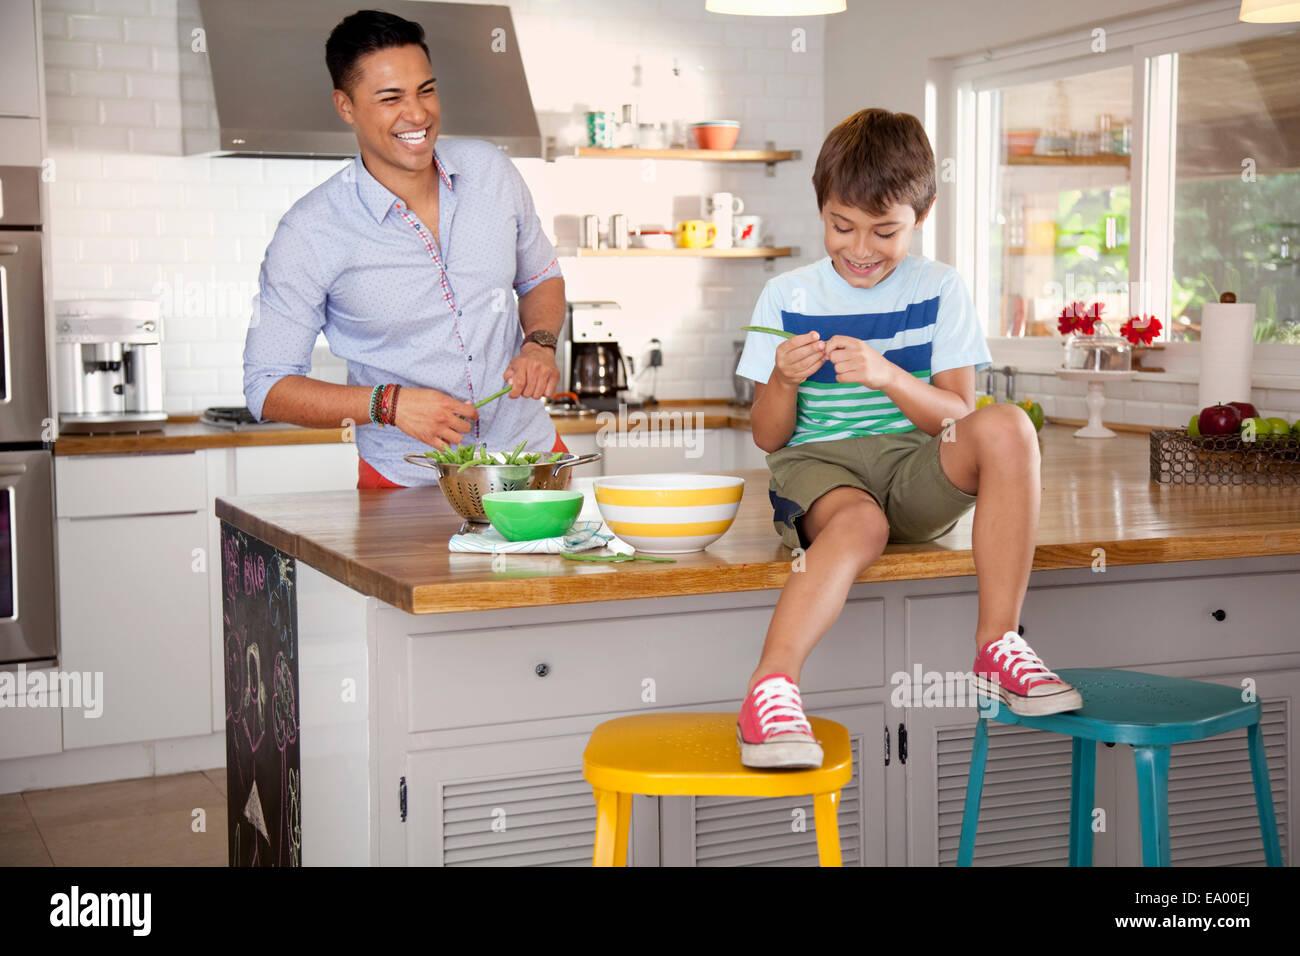 Padre e figlio in cucina, ragazzo seduto sul contatore Immagini Stock